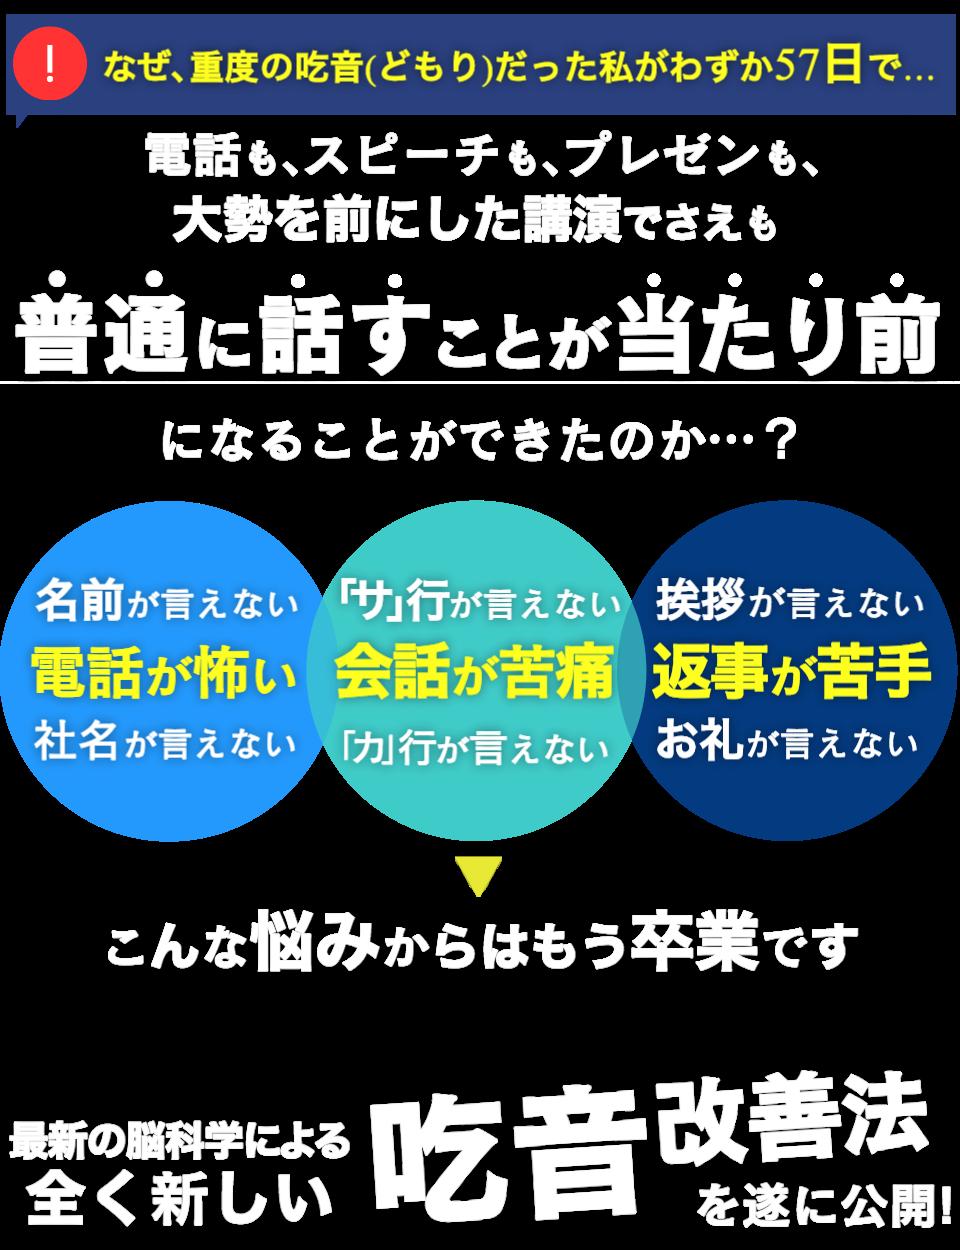 【M.R.M】吃音(どもり)・改善プログラム